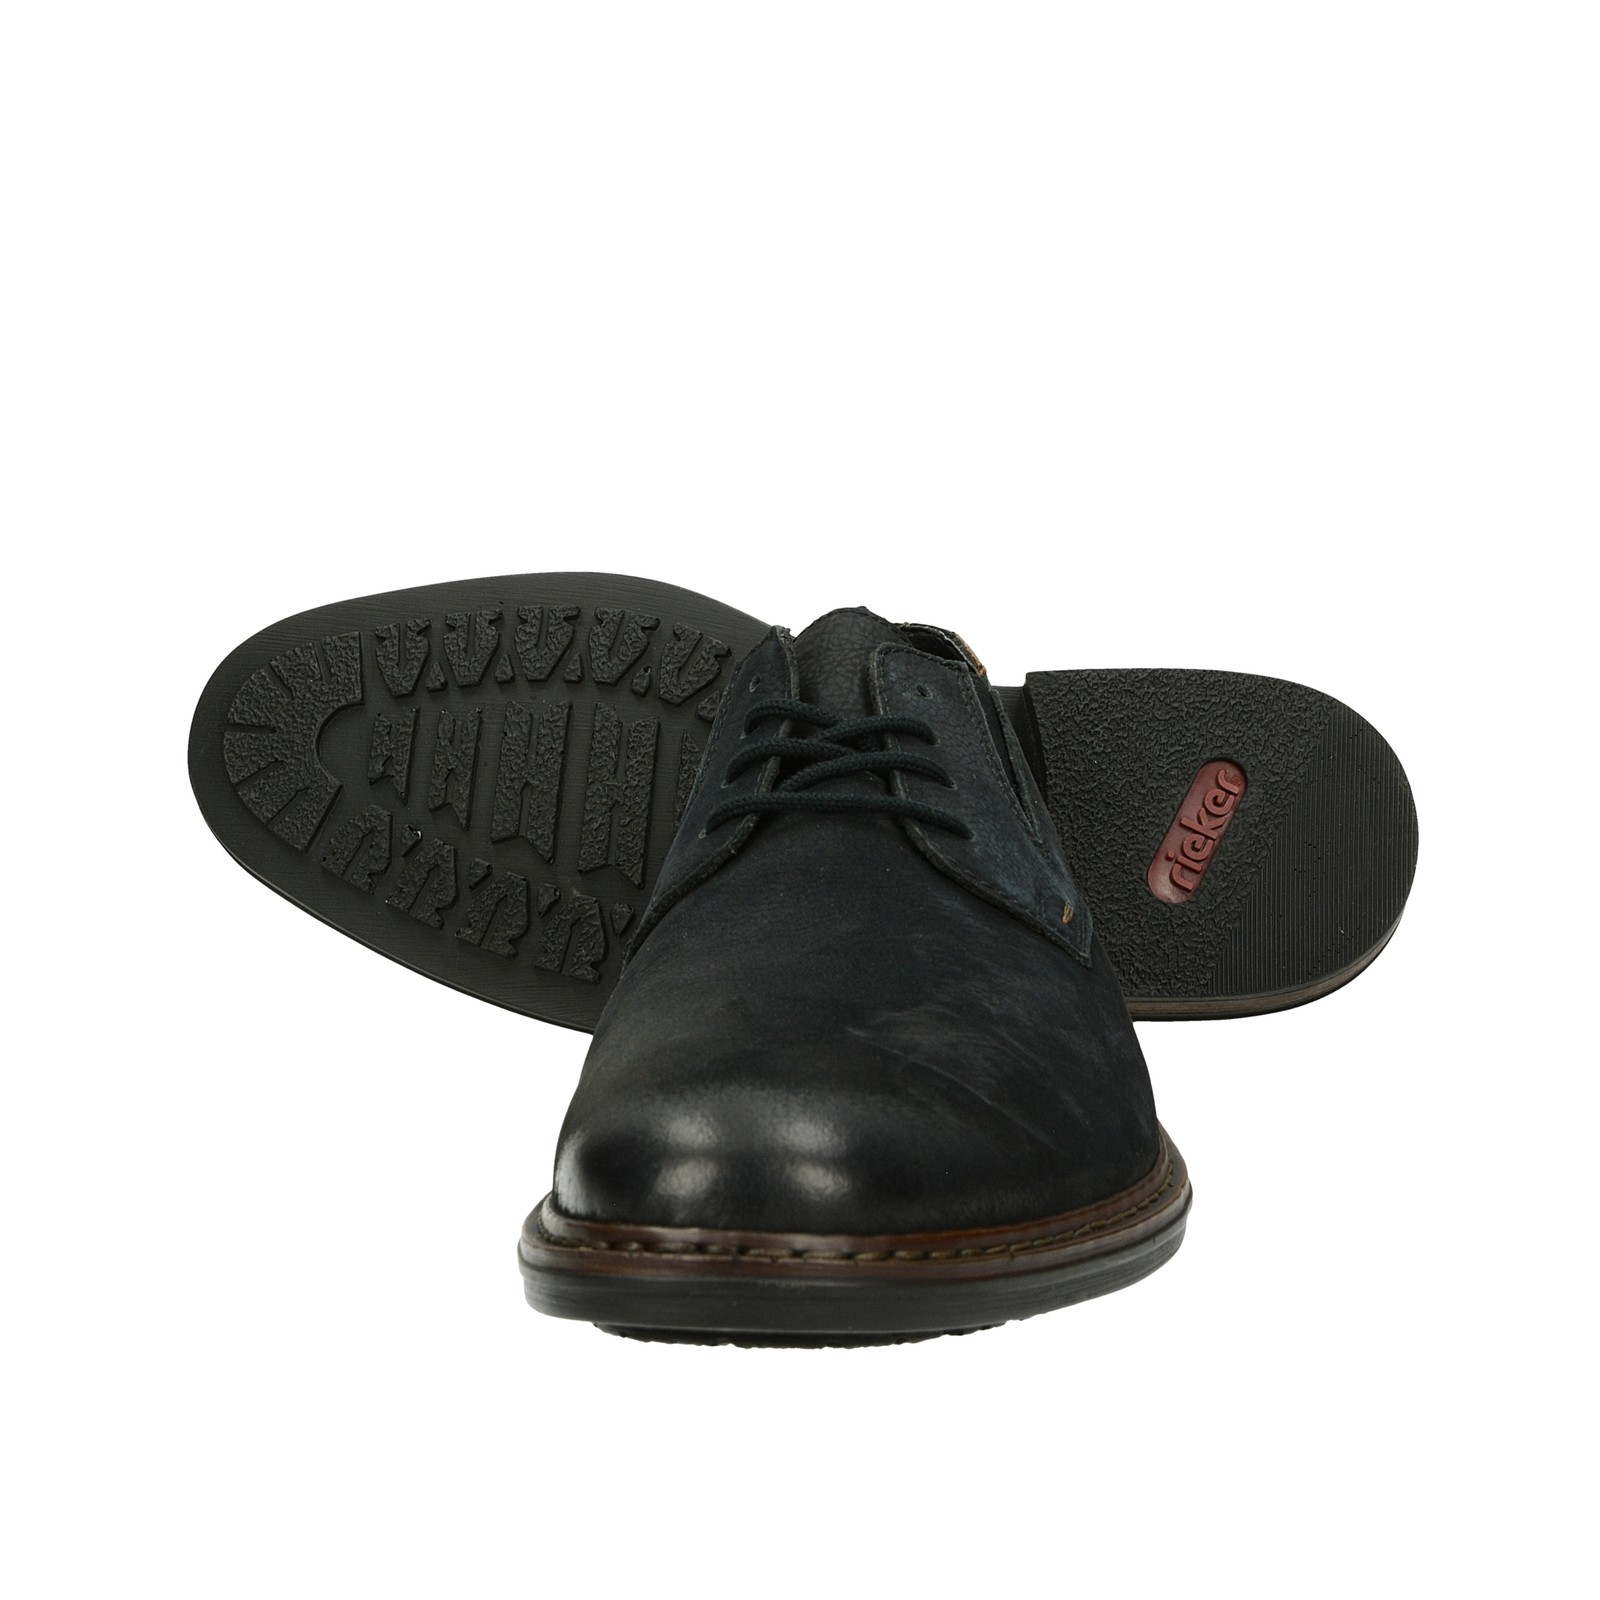 Rieker pánske nubukové spoločenské topánky - čierne